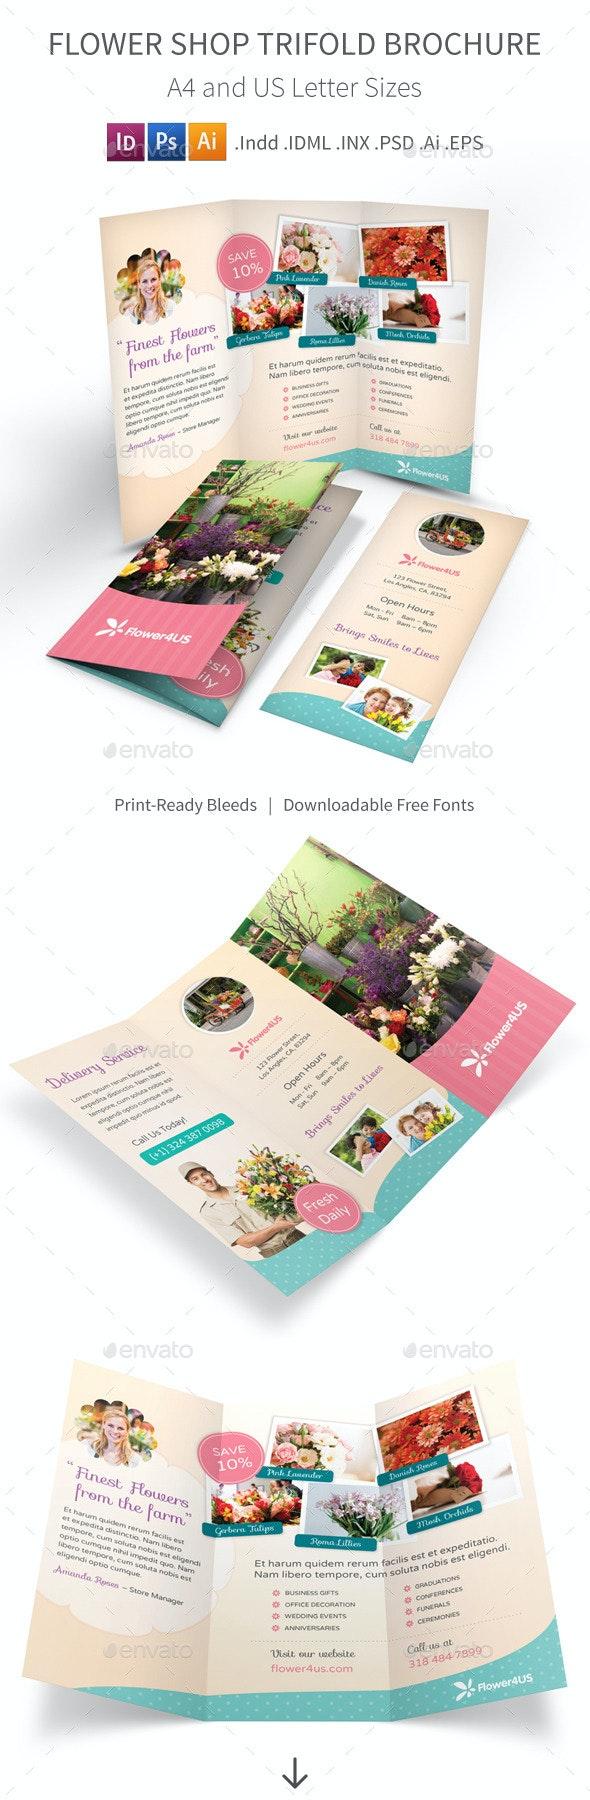 Flower Shop Trifold Brochure - Informational Brochures